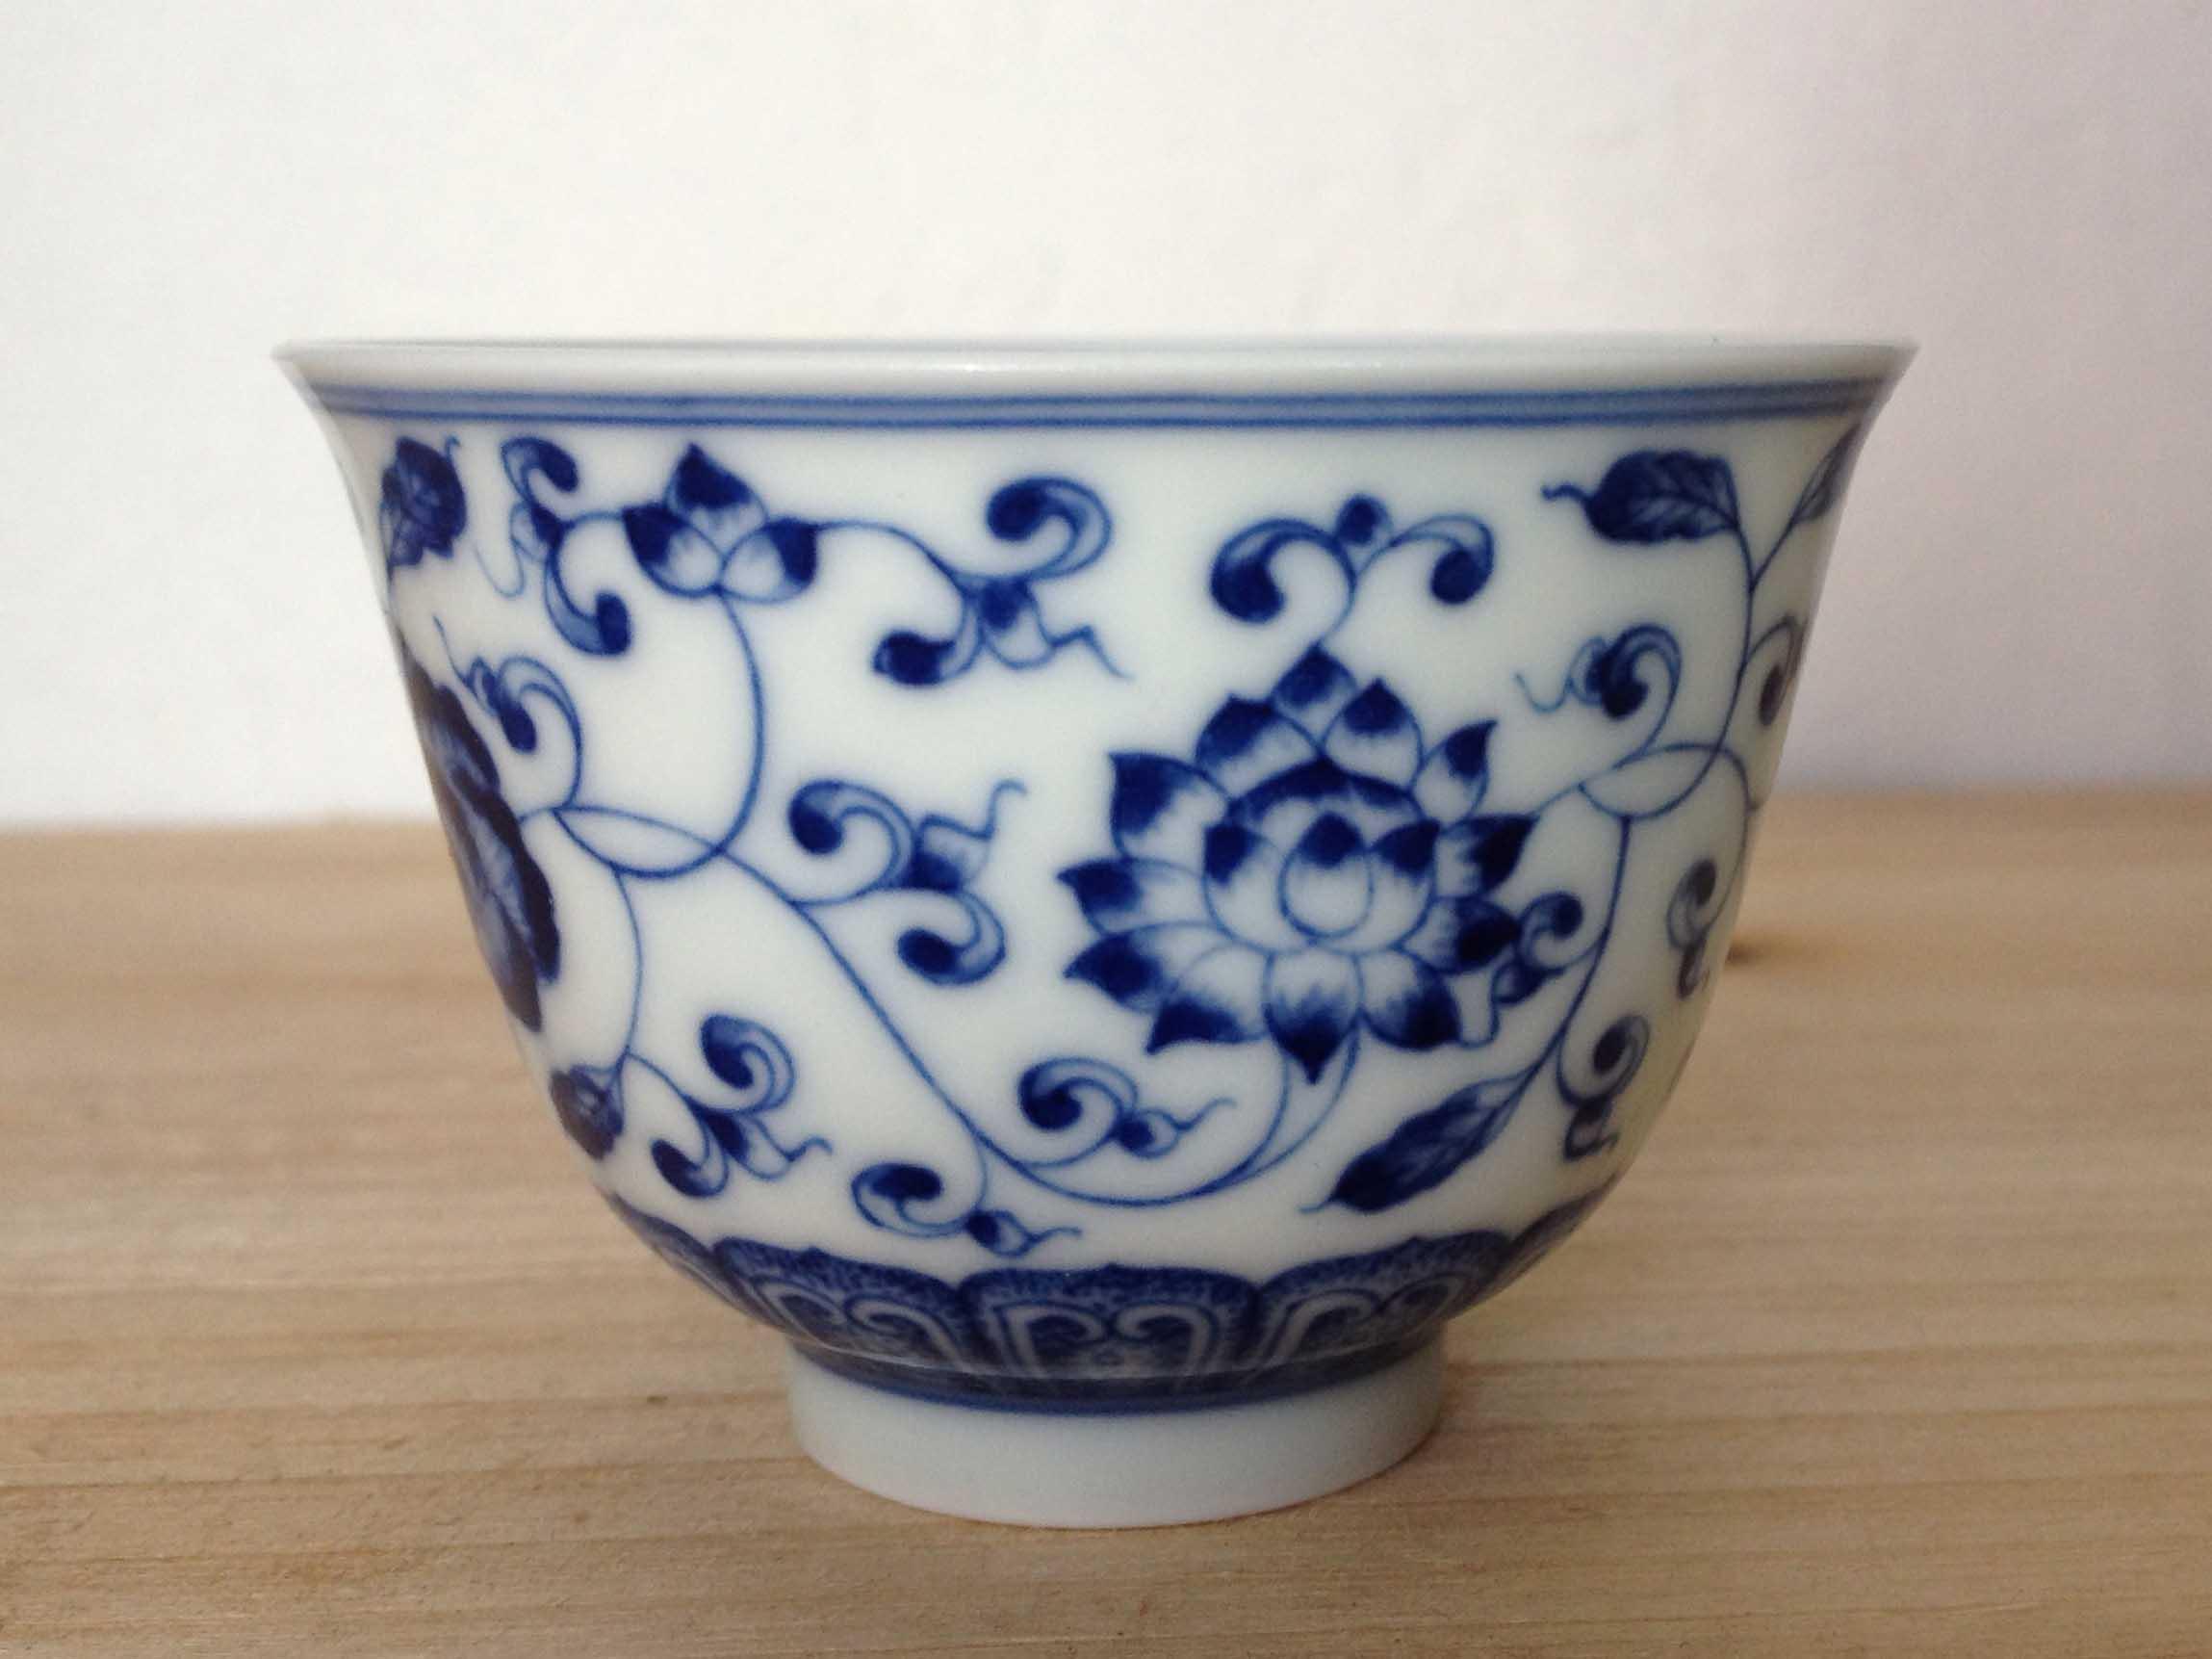 買不錯的景德鎮陶瓷,就到力研礦產品-淄博工藝陶瓷擺件